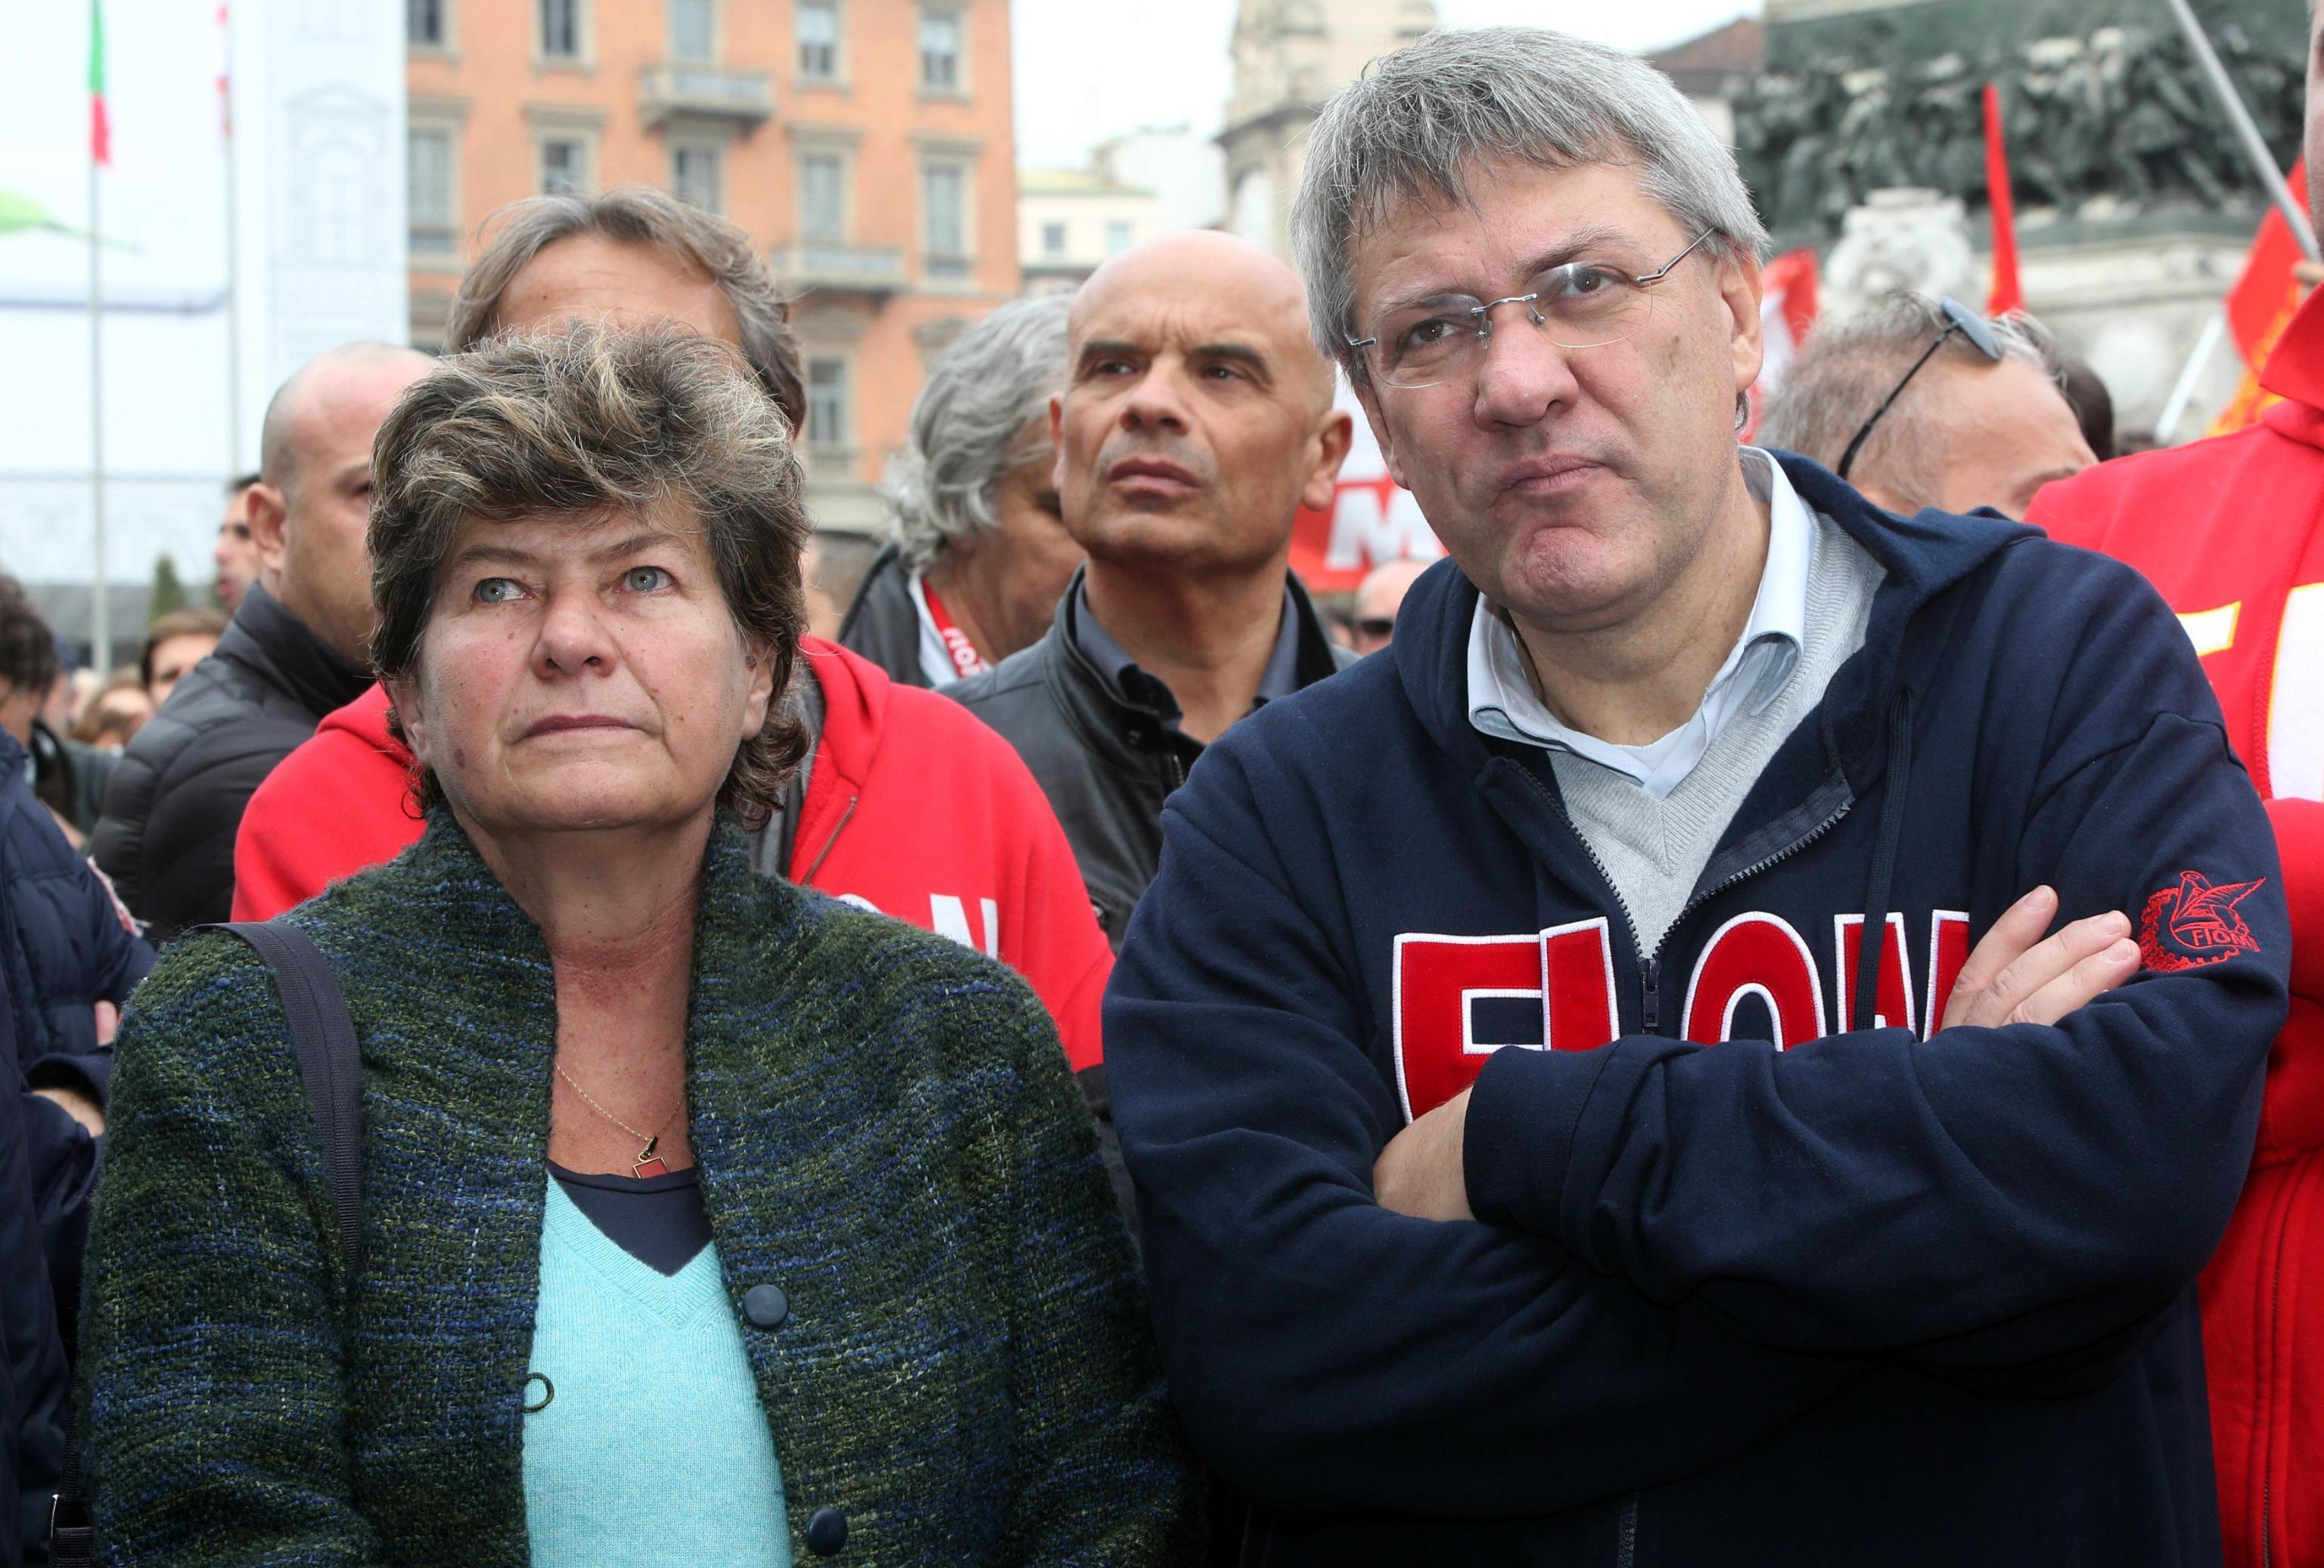 Cgil, Maurizio Landini eletto segretario al posto della Camusso